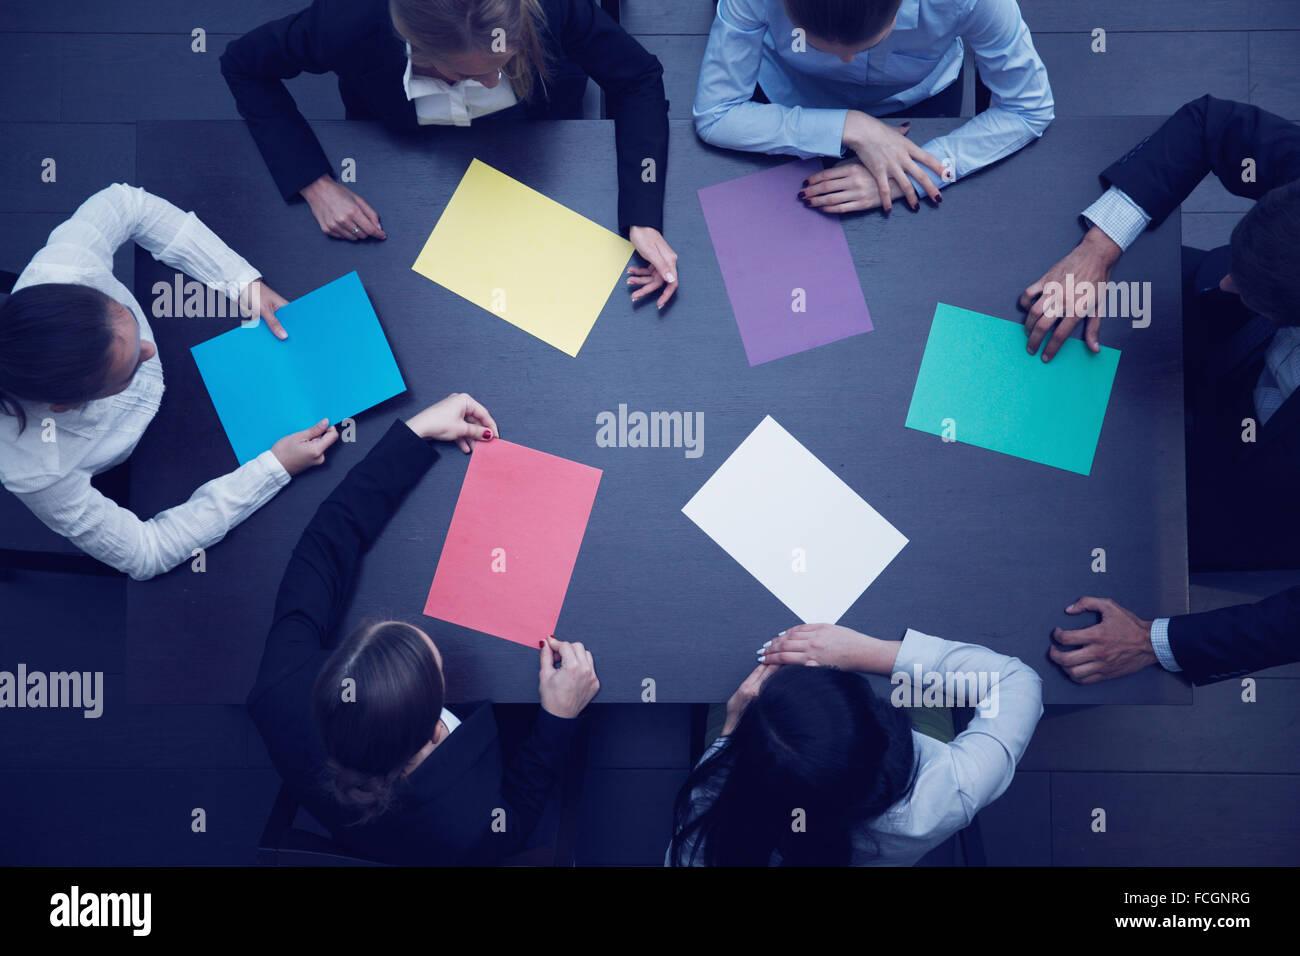 El grupo de gente de negocios con colorido papel en blanco, el nuevo concepto de proyecto Imagen De Stock